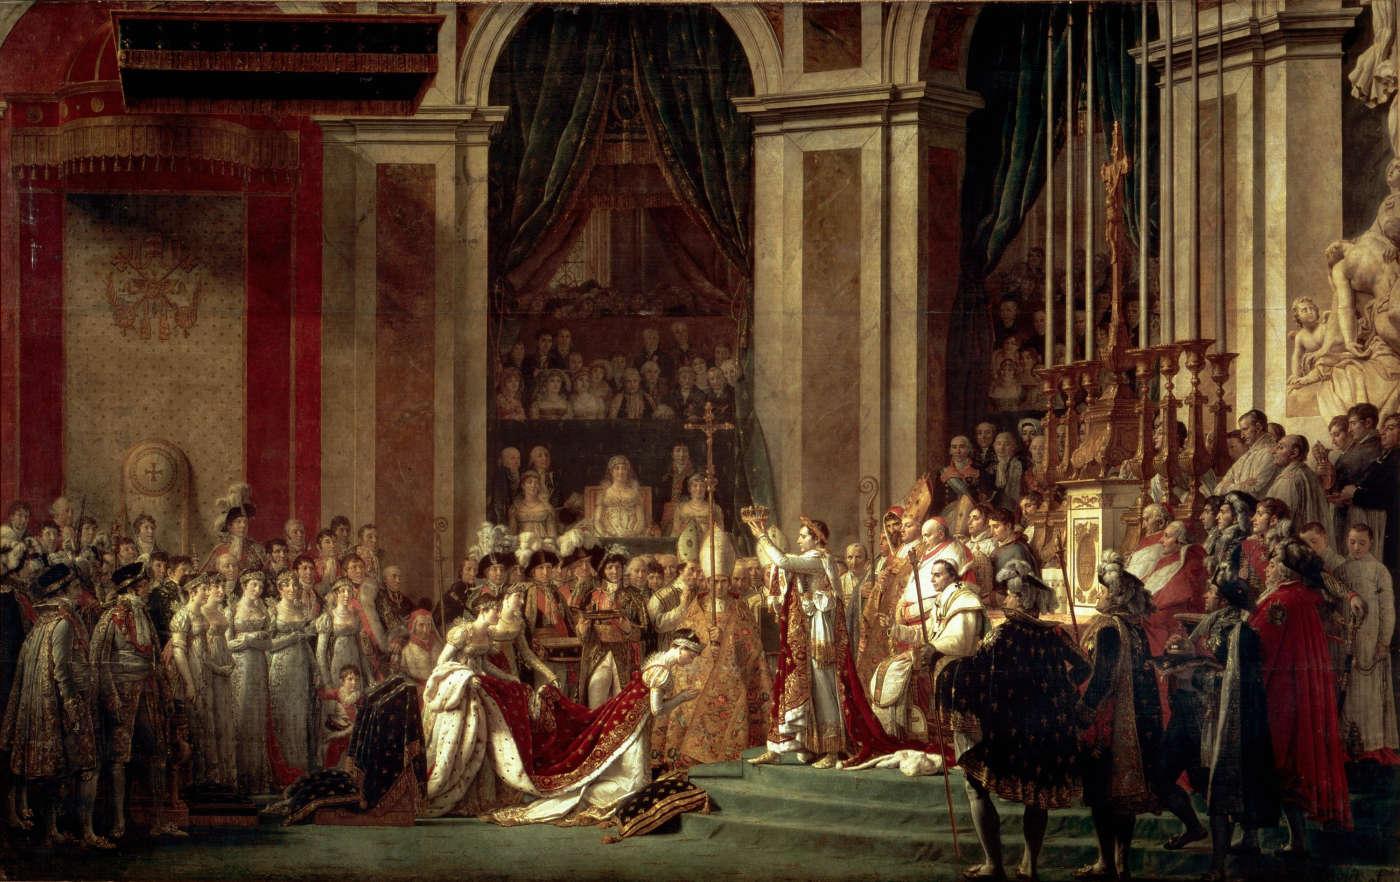 La coronación de Napoleón y coronación de Josefina, por Jacques Louis David, 1809. Museo del Louvre, París.